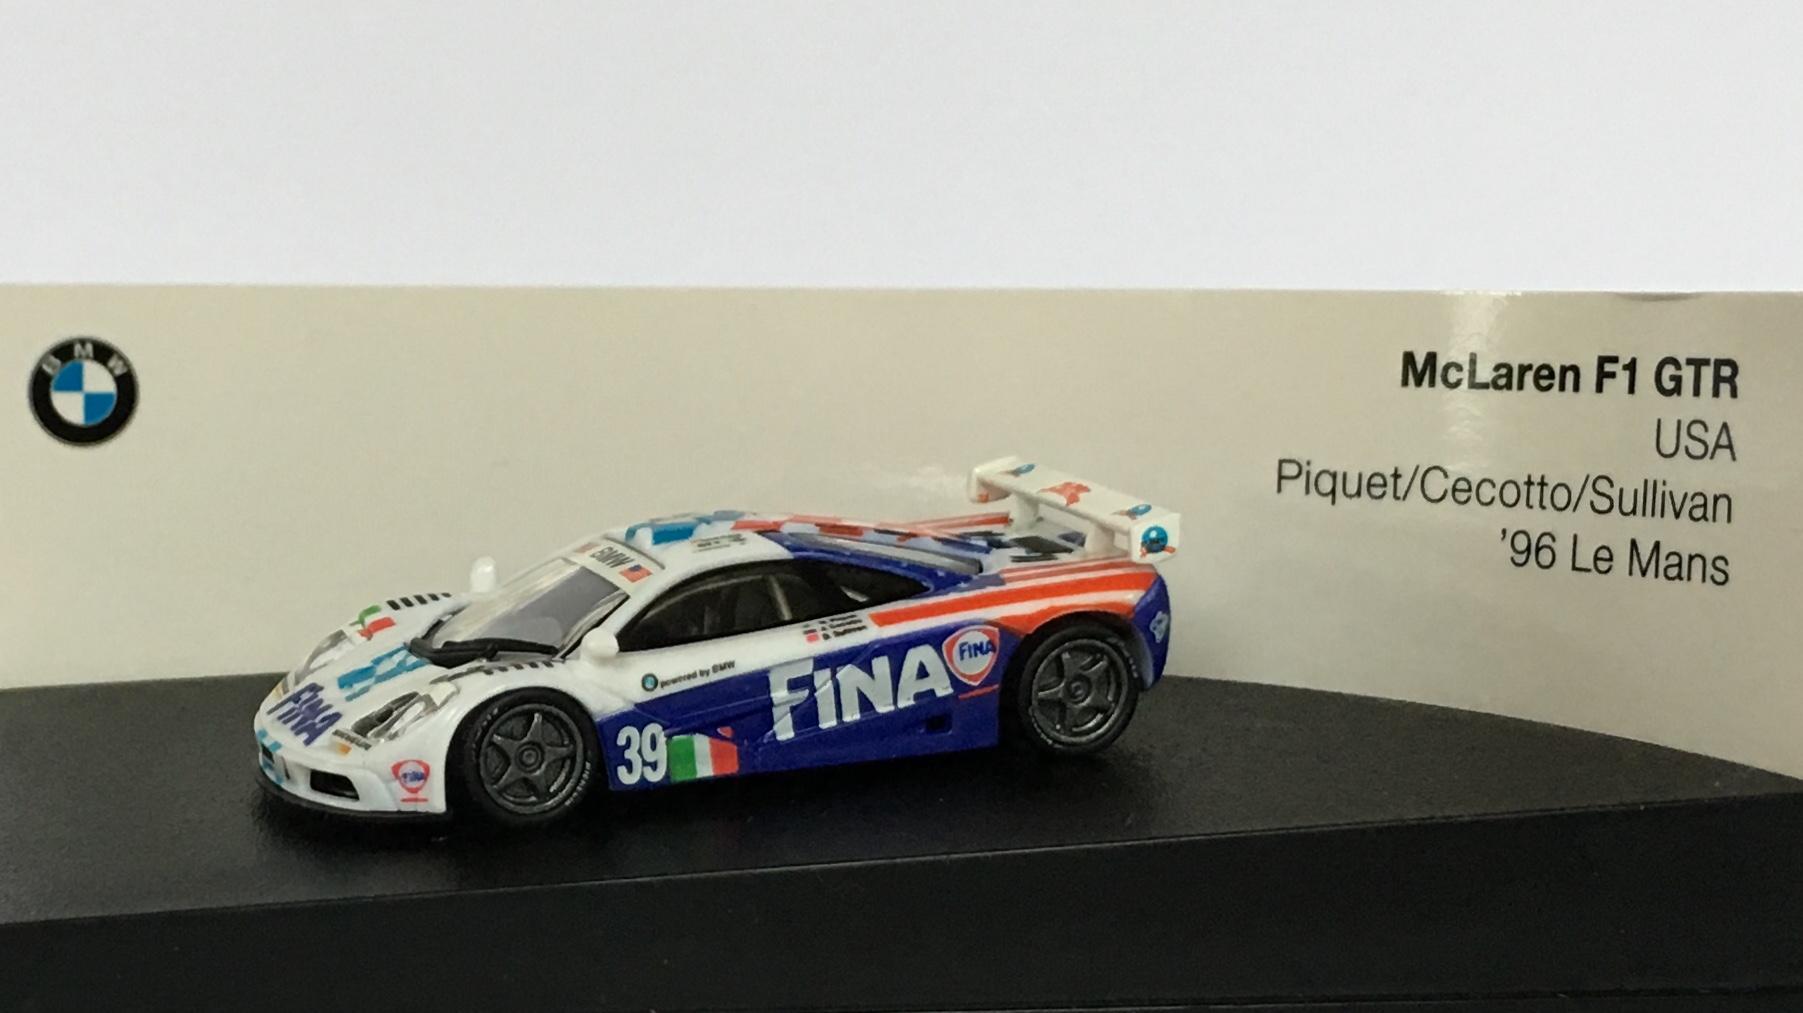 McLaren F1 GTR 001.jpg